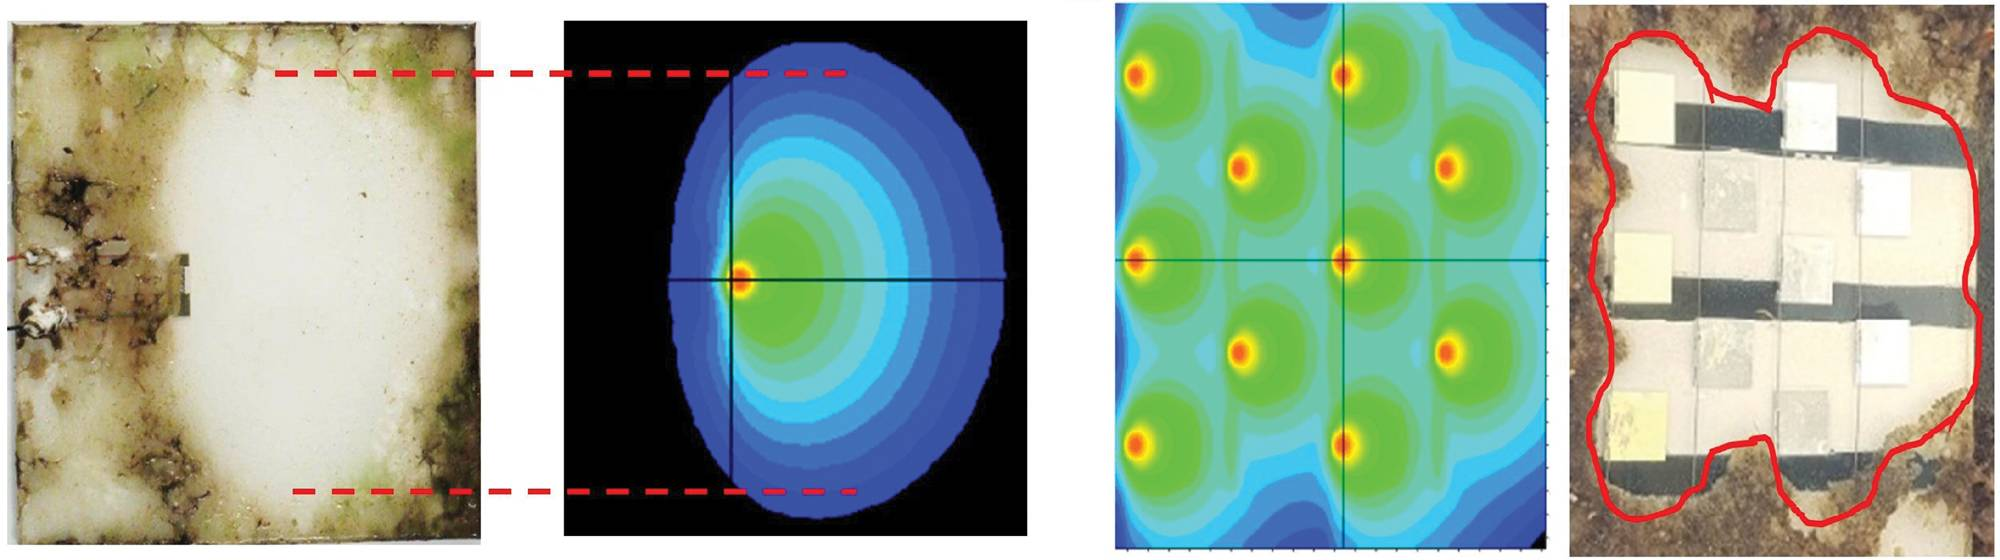 الشكل 3: مقارنة بين عمليات محاكاة نموذجية للإشعاع فوق البنفسجي عند السطح مع اختبارات موازنة حيوية مماثلة. على اليسار للحصول على لوح سيليكون مع LED واحد ، تم اختباره في حوض للماء. على اليمين للحصول على لوحة النموذج الأولي بالكامل تم اختبارها في حالة البحر. تحدد الخطوط الحمراء المواقع ذات مستوى الإشعاع 0.3mW / m2 المتوقع من المحاكاة.